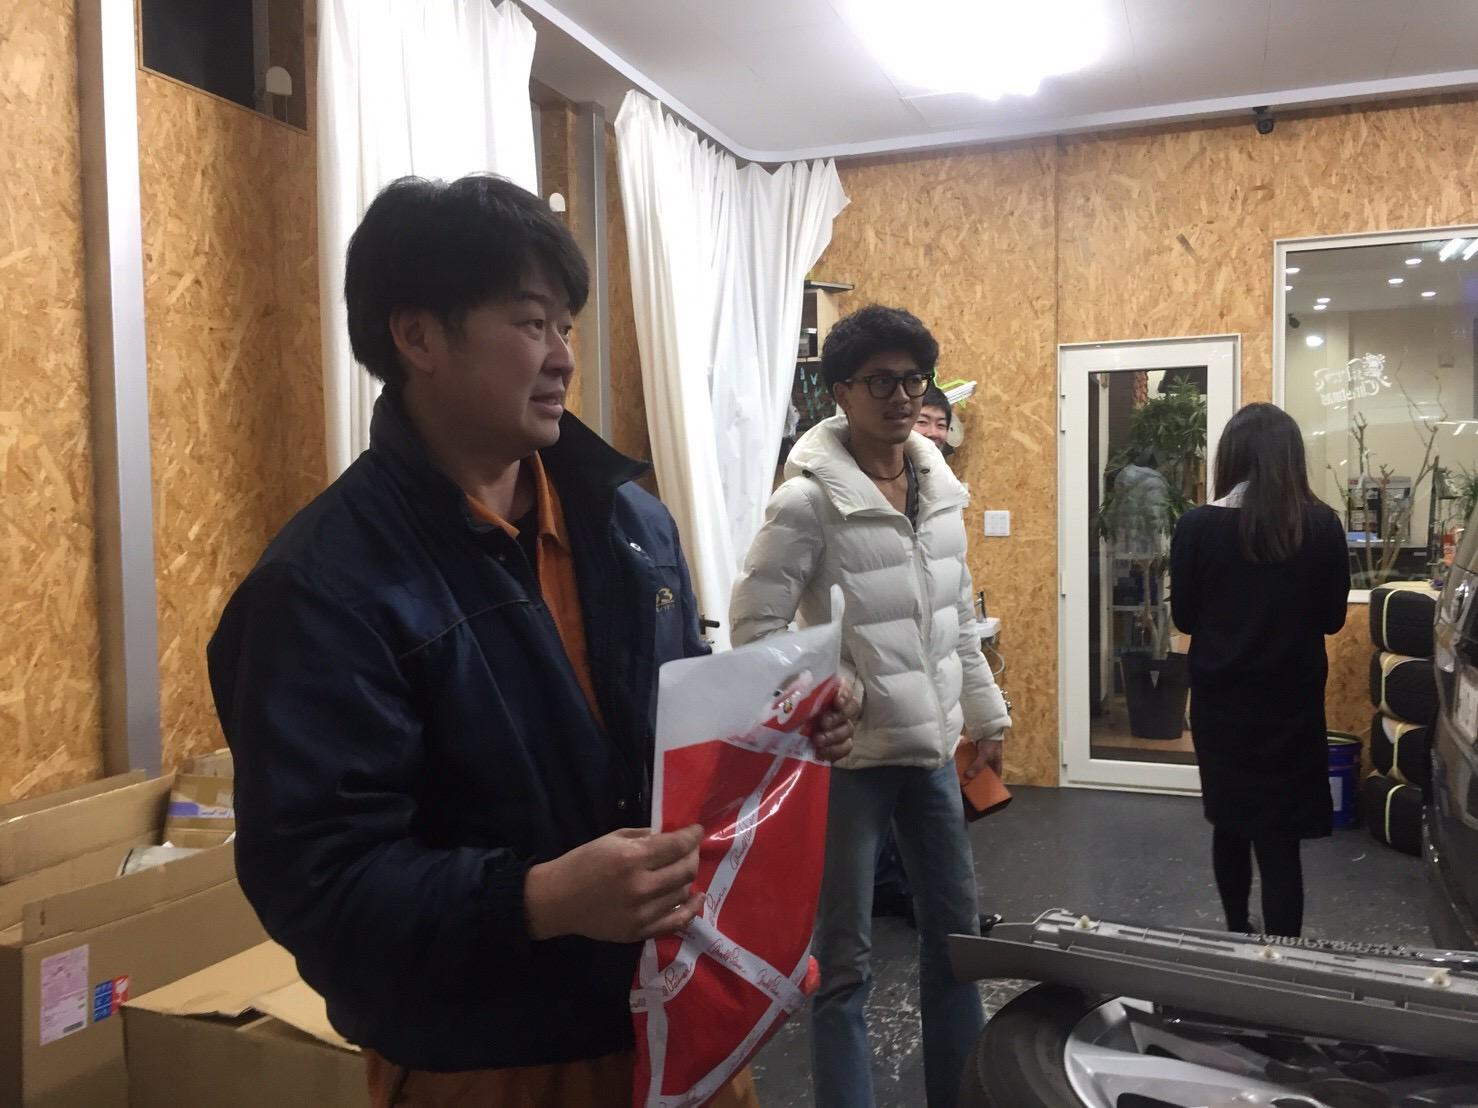 11月30日水曜日のひとログ(。・ω・。) 植東さん卒業!!!今までありがとうございました!_b0127002_17234479.jpg